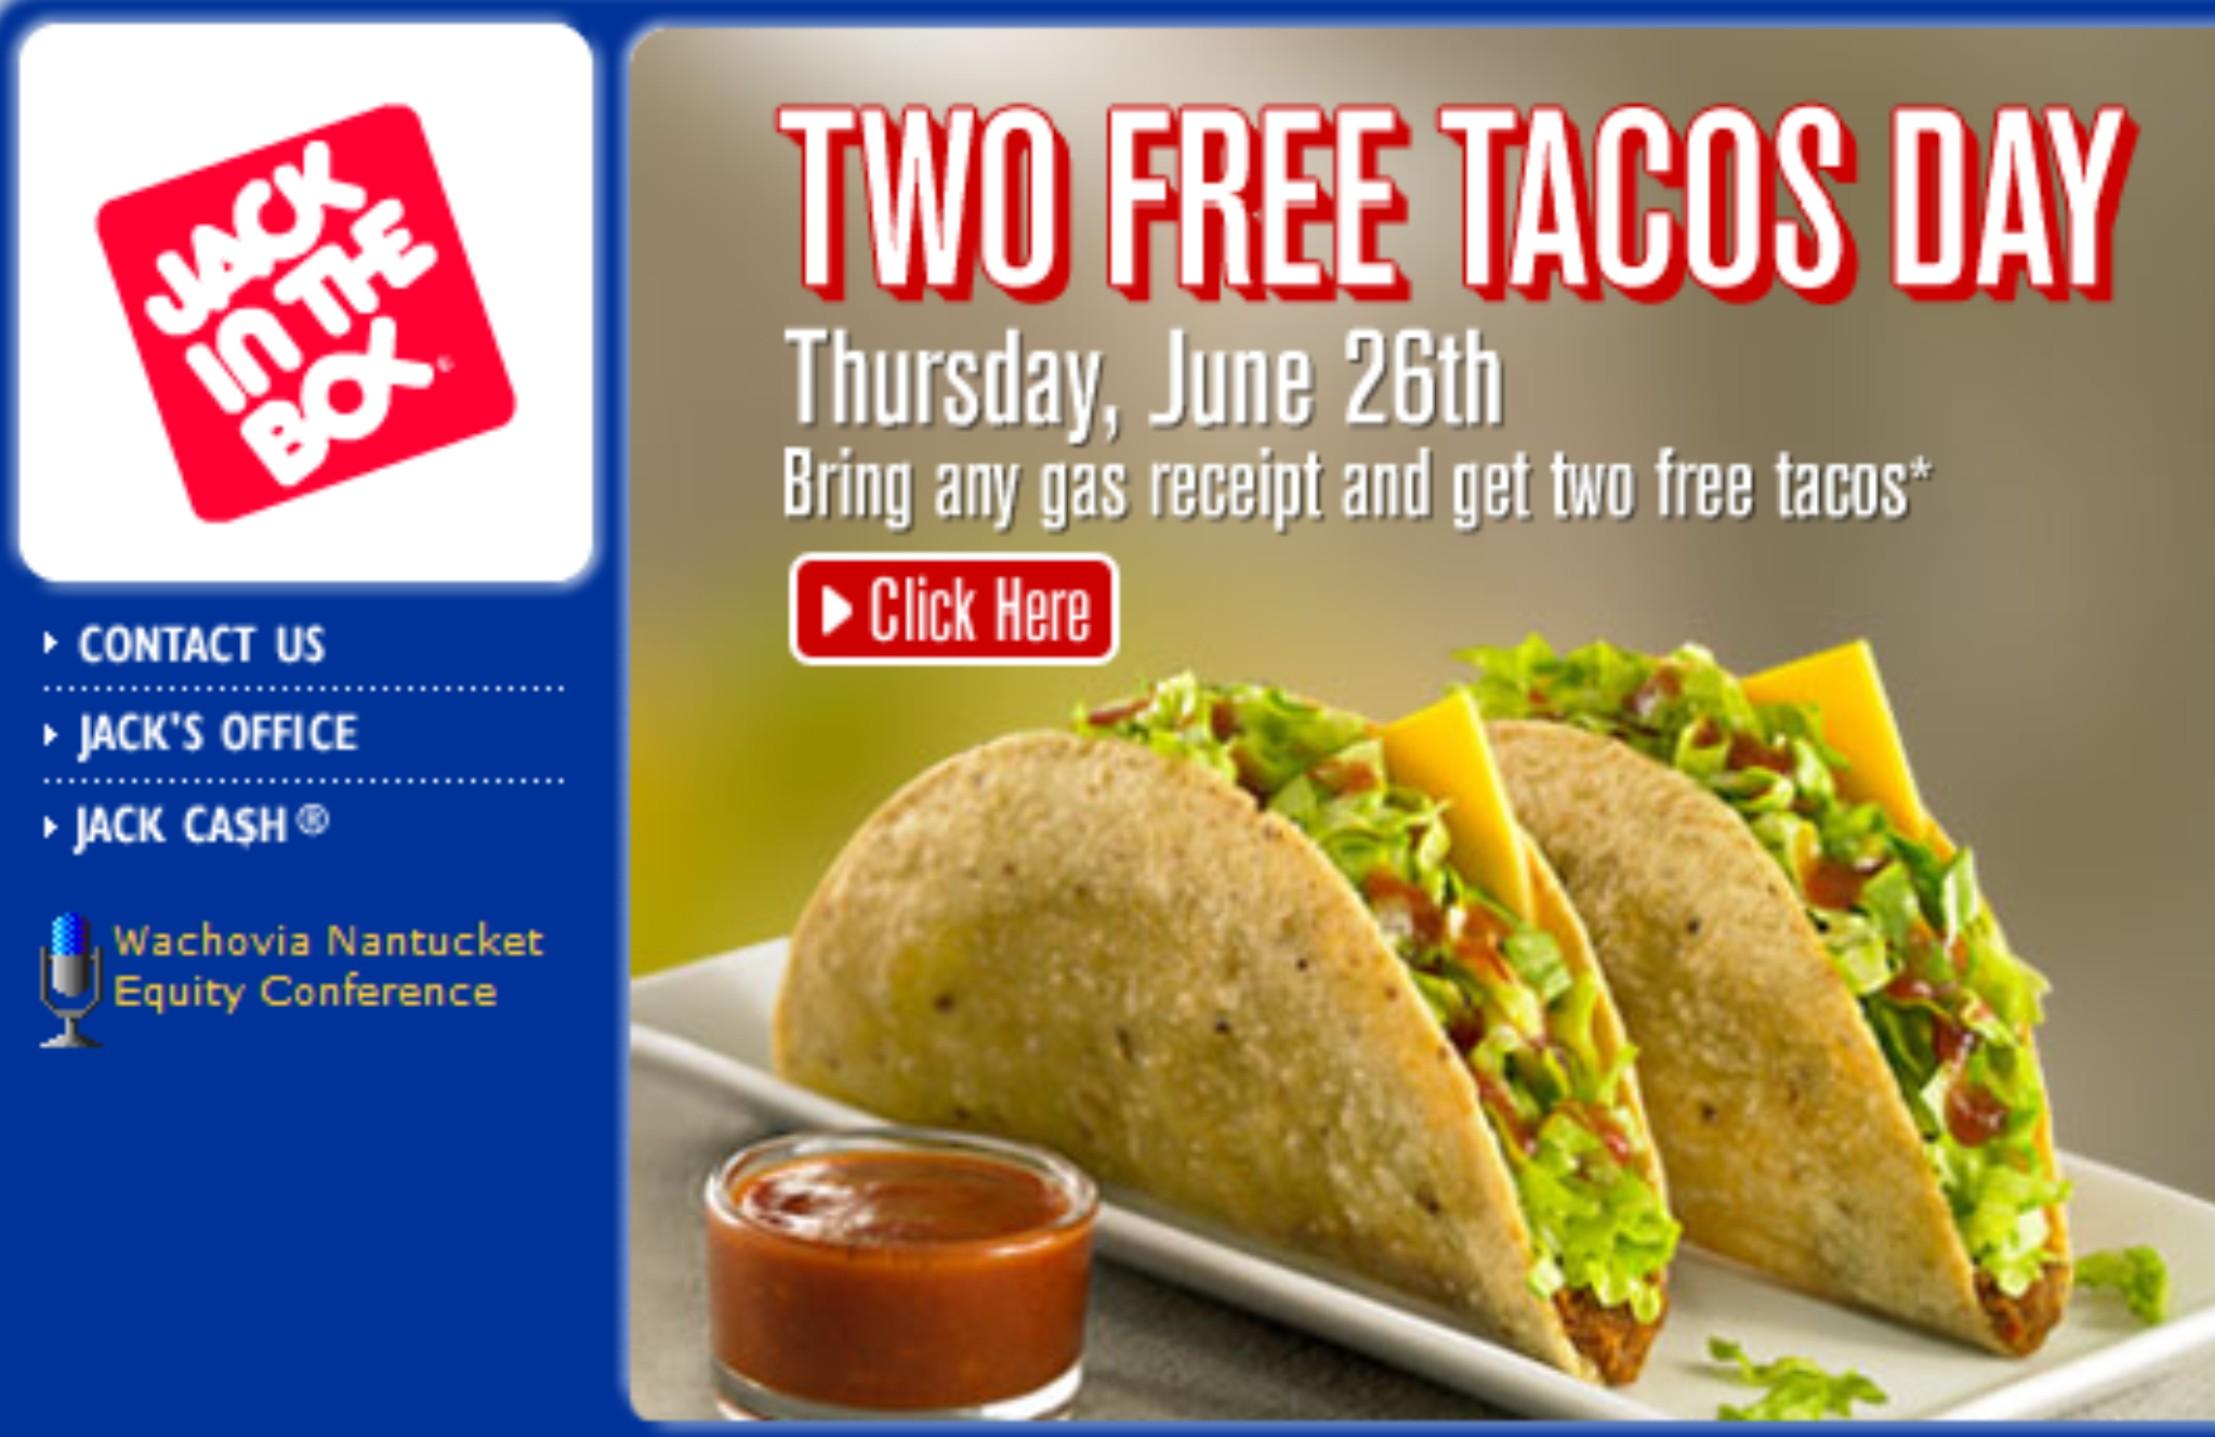 Free Taco day